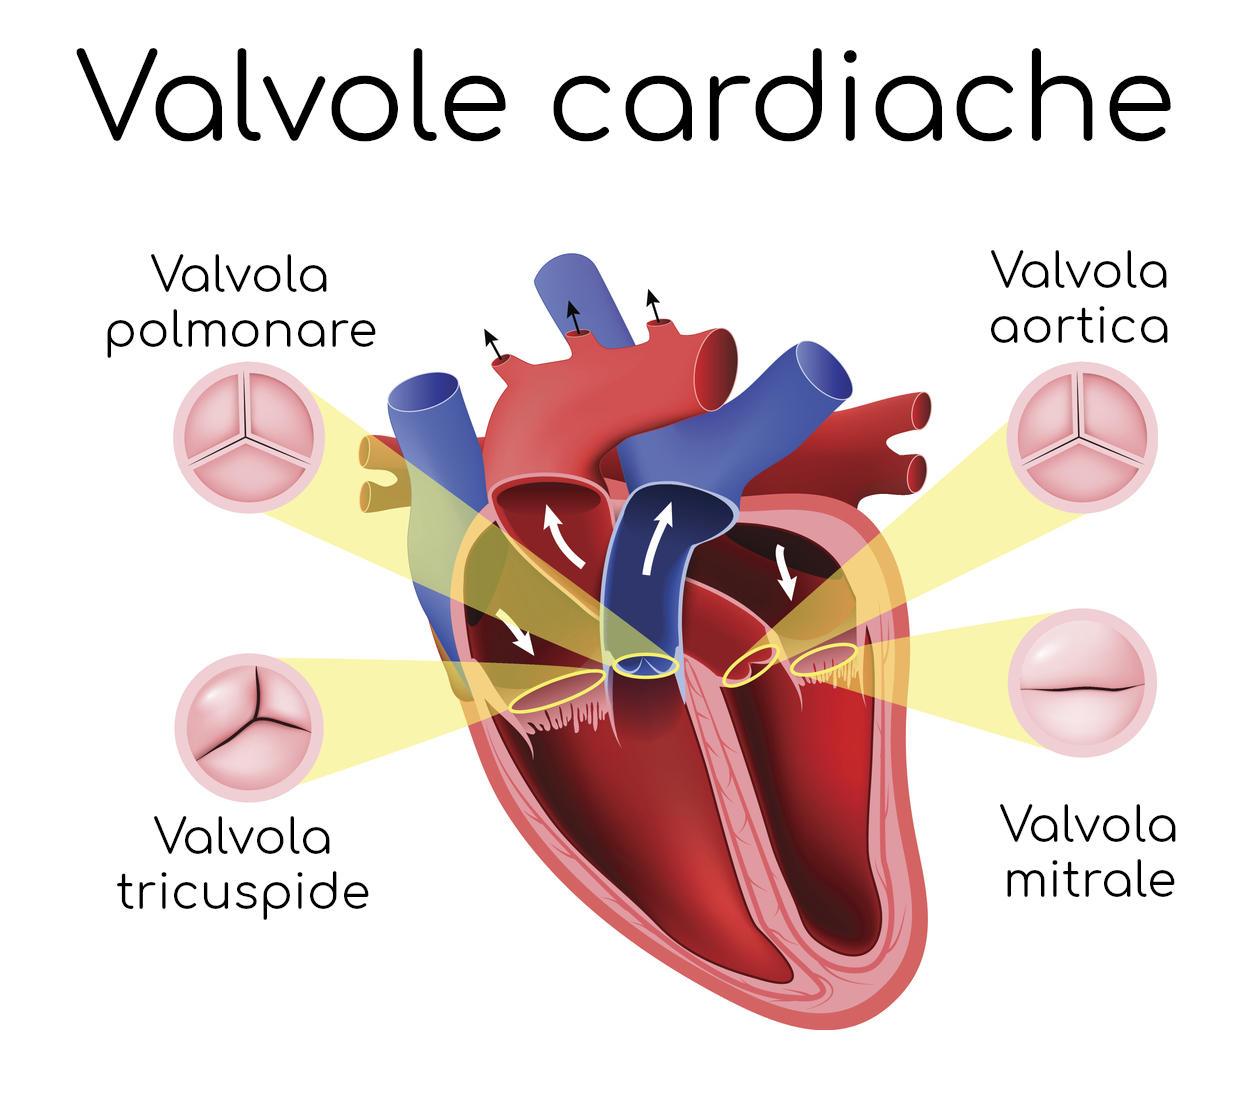 Valvole cardiache (polmonare, tricuspide, mitrale, aortica)